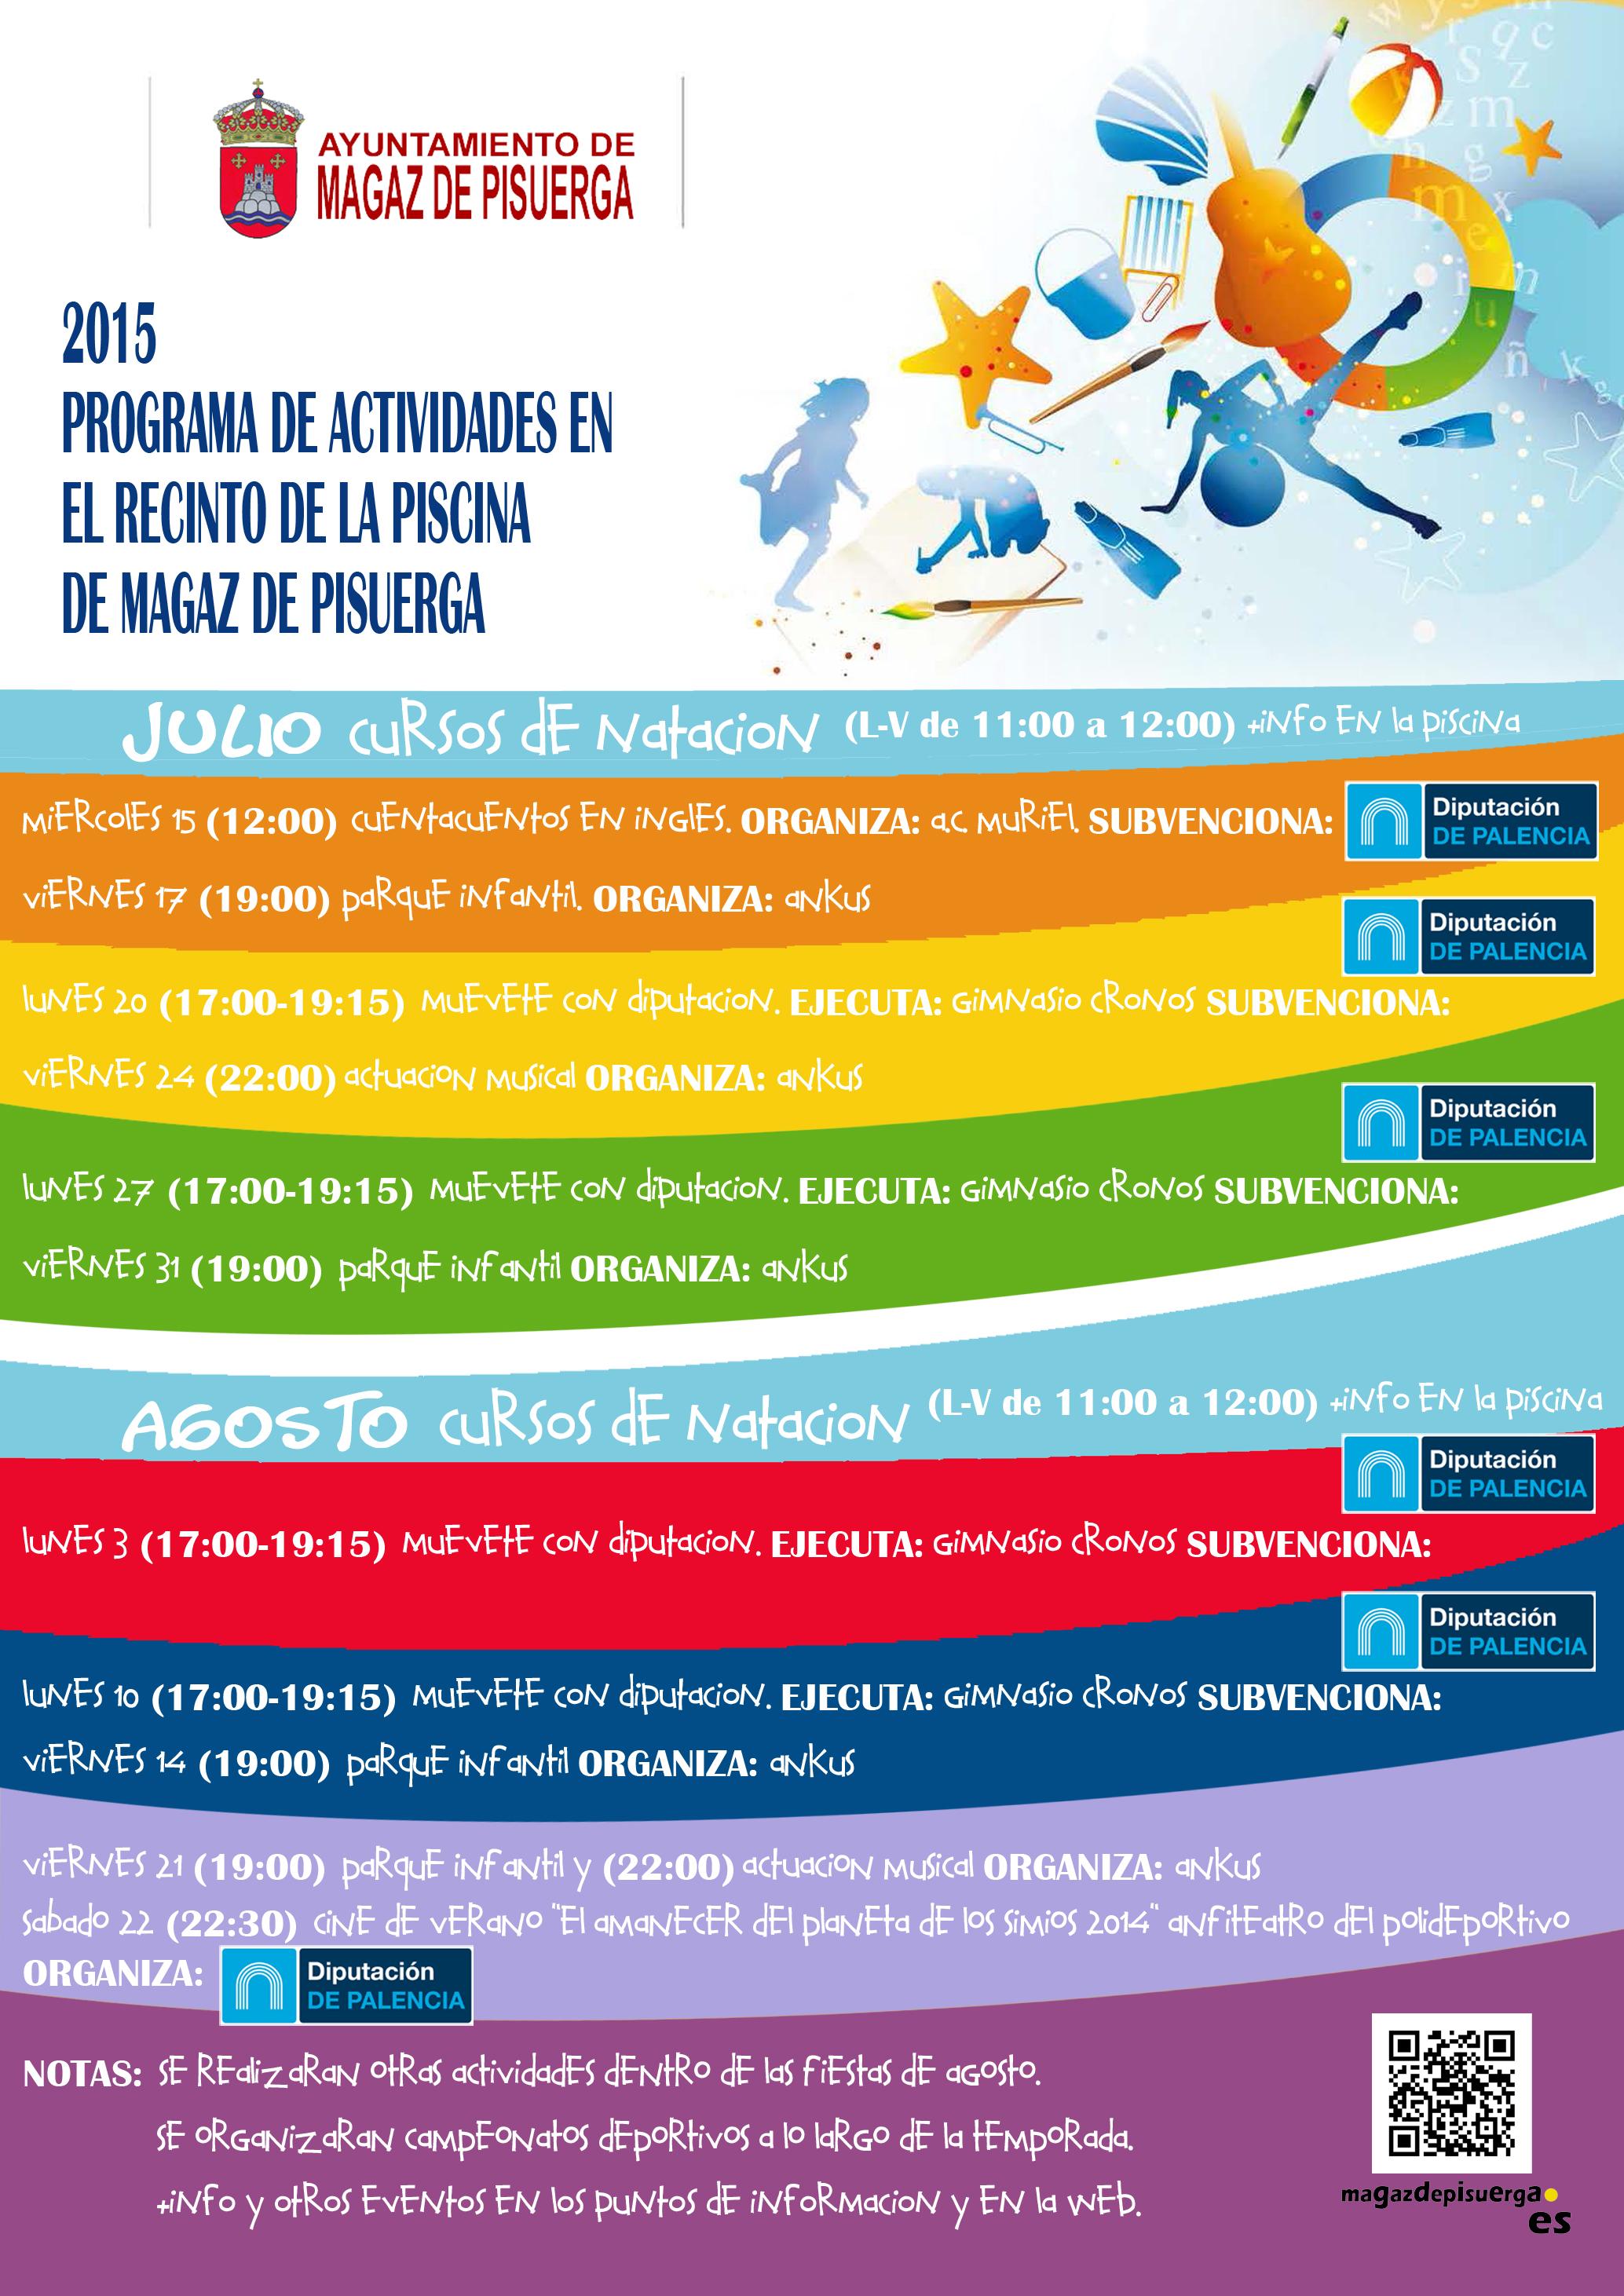 Programa de actividades en el recinto de la piscina